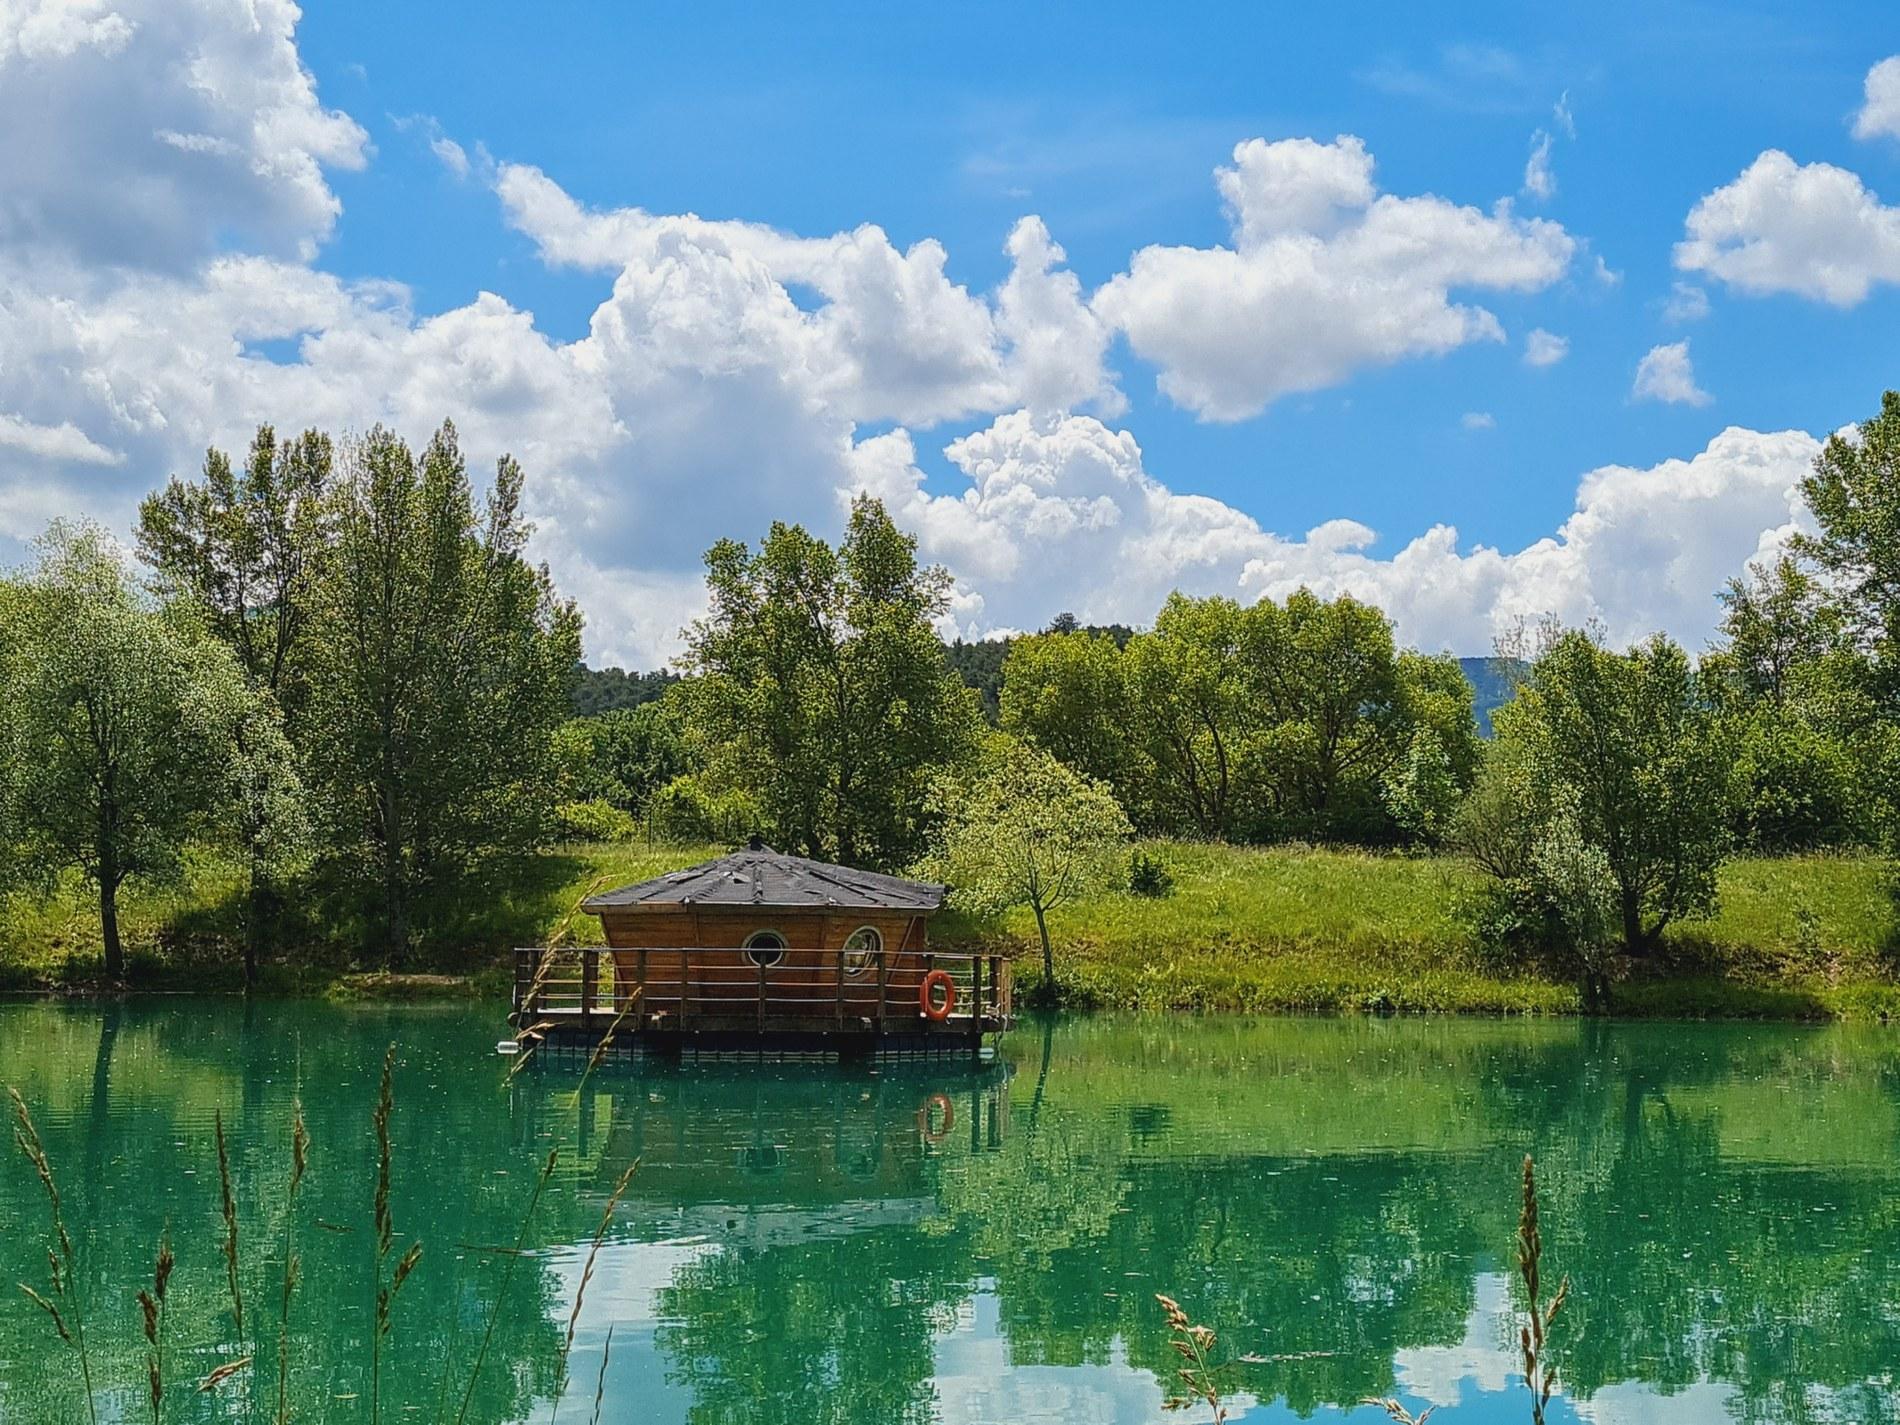 Zenzilot camping vercors drome piscine chauffée lac (6)